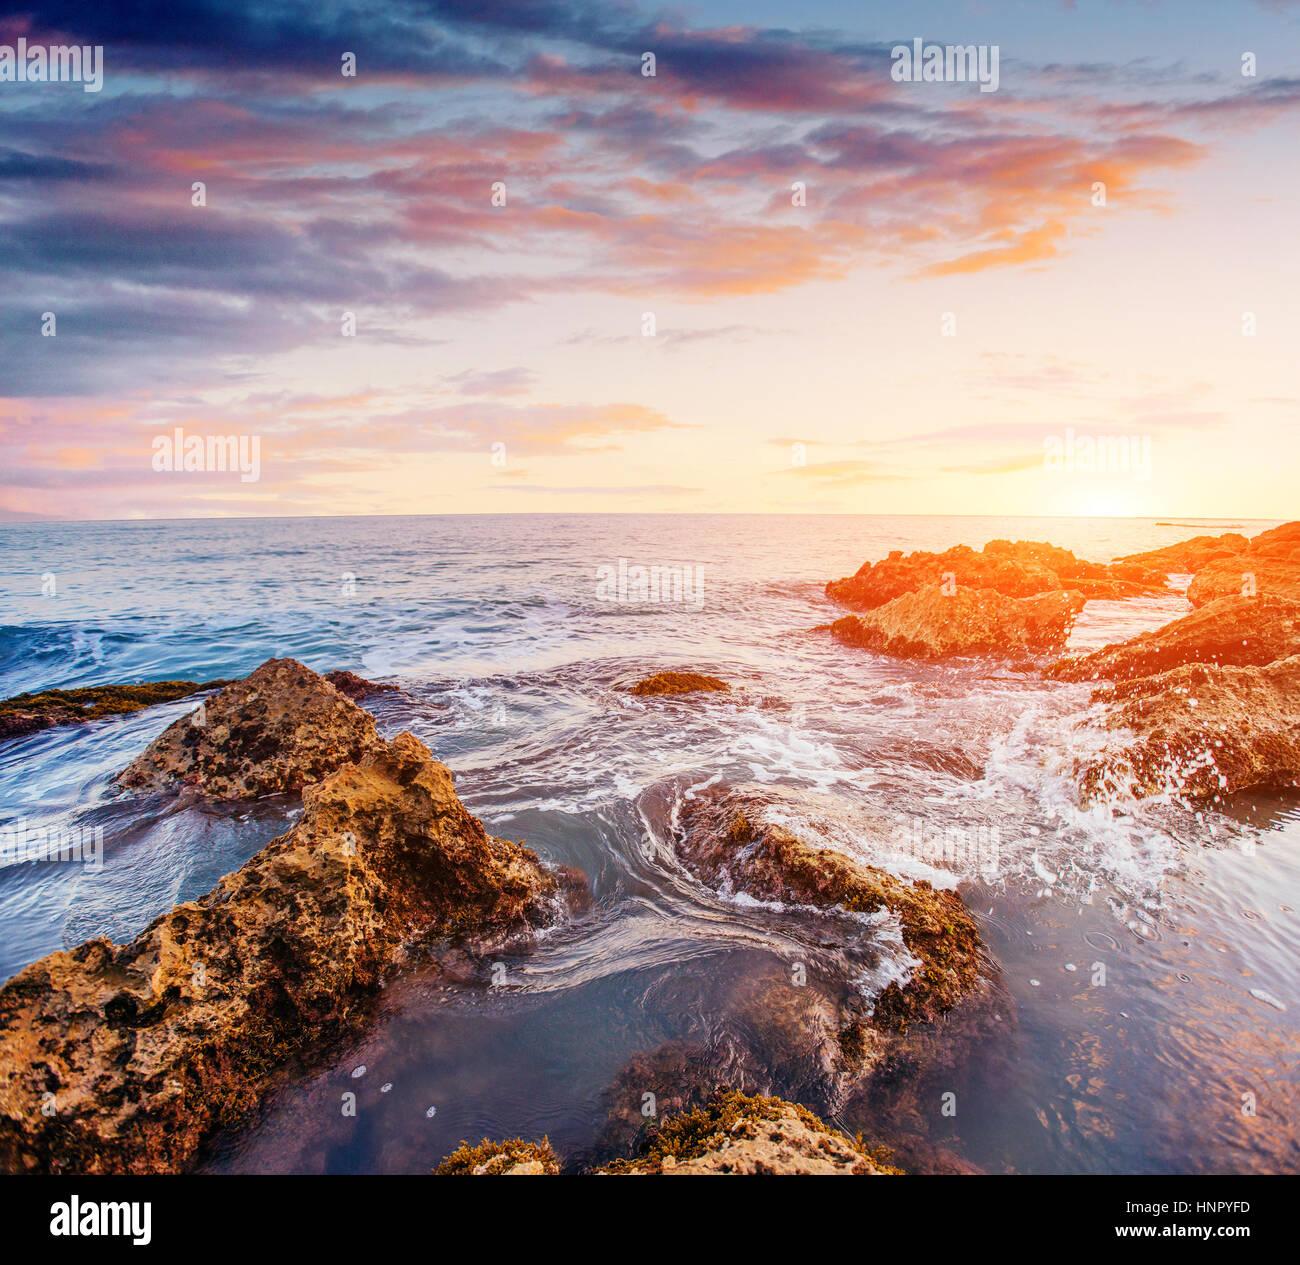 Vue fantastique sur la réserve naturelle de Monte Cofano. Scen spectaculaire Photo Stock